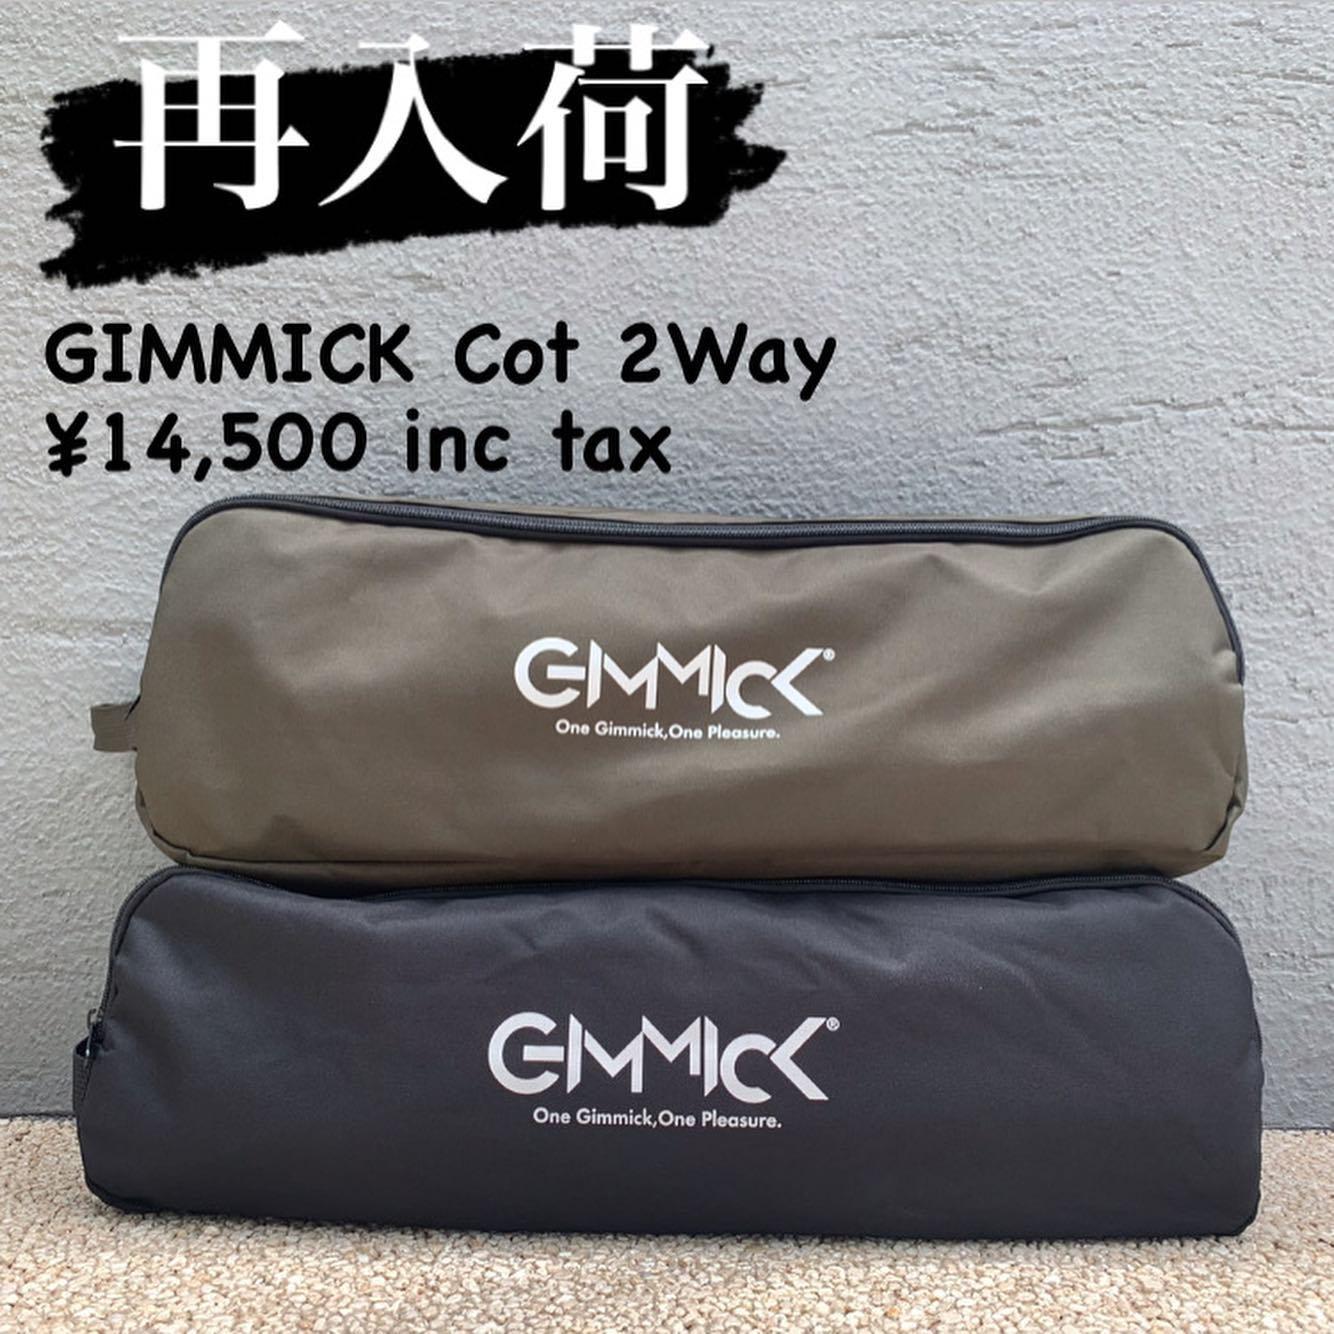 『GIMMICK コット』完売カラーが再入荷いたしました!